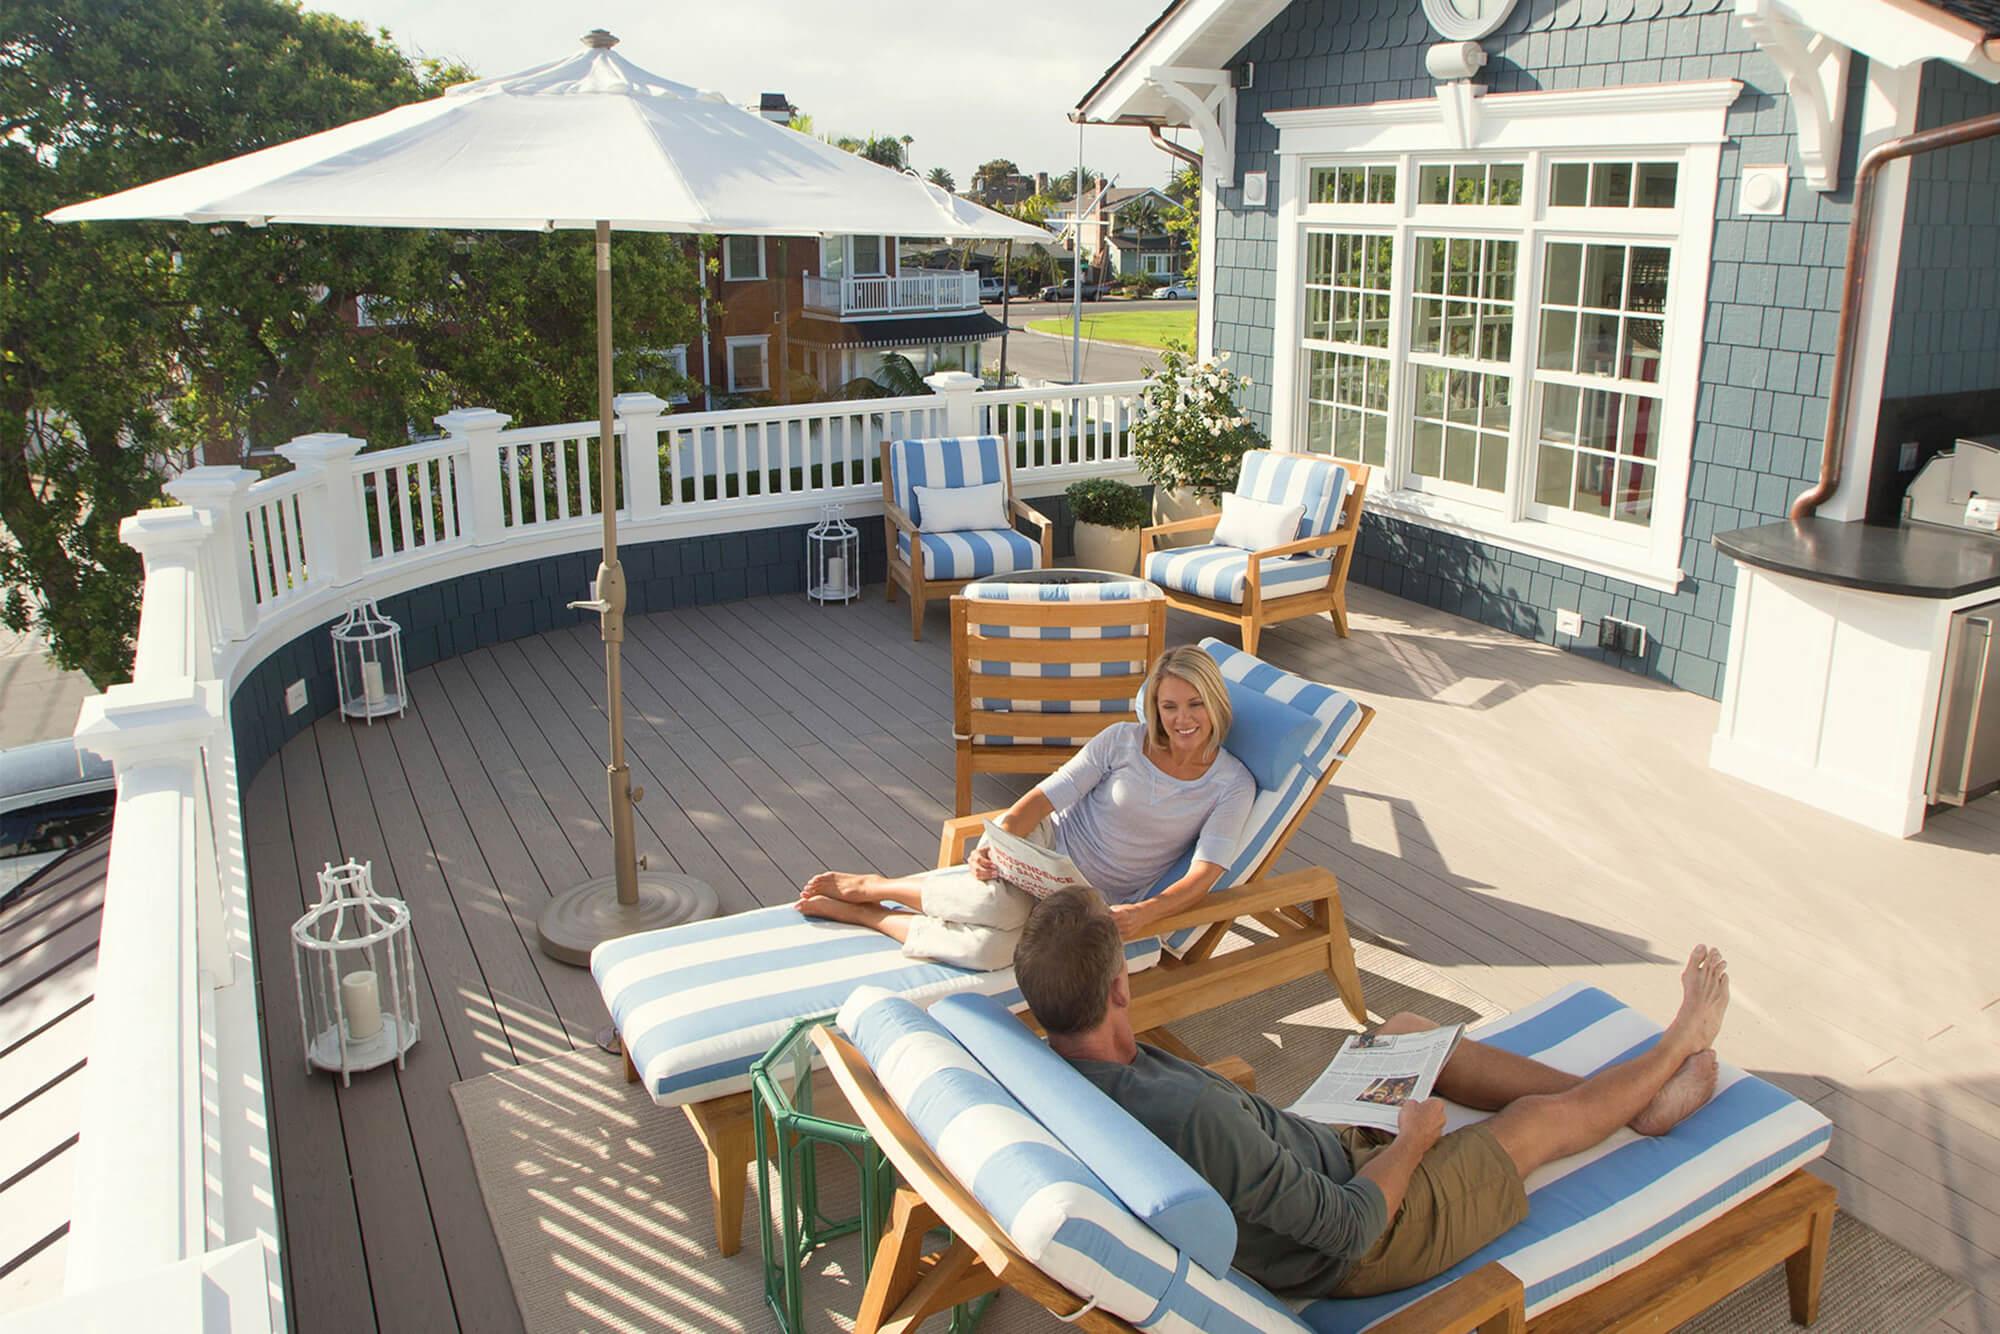 Paar entspannt sich auf Terrassenmöbeln unter einem Sonnenschirm